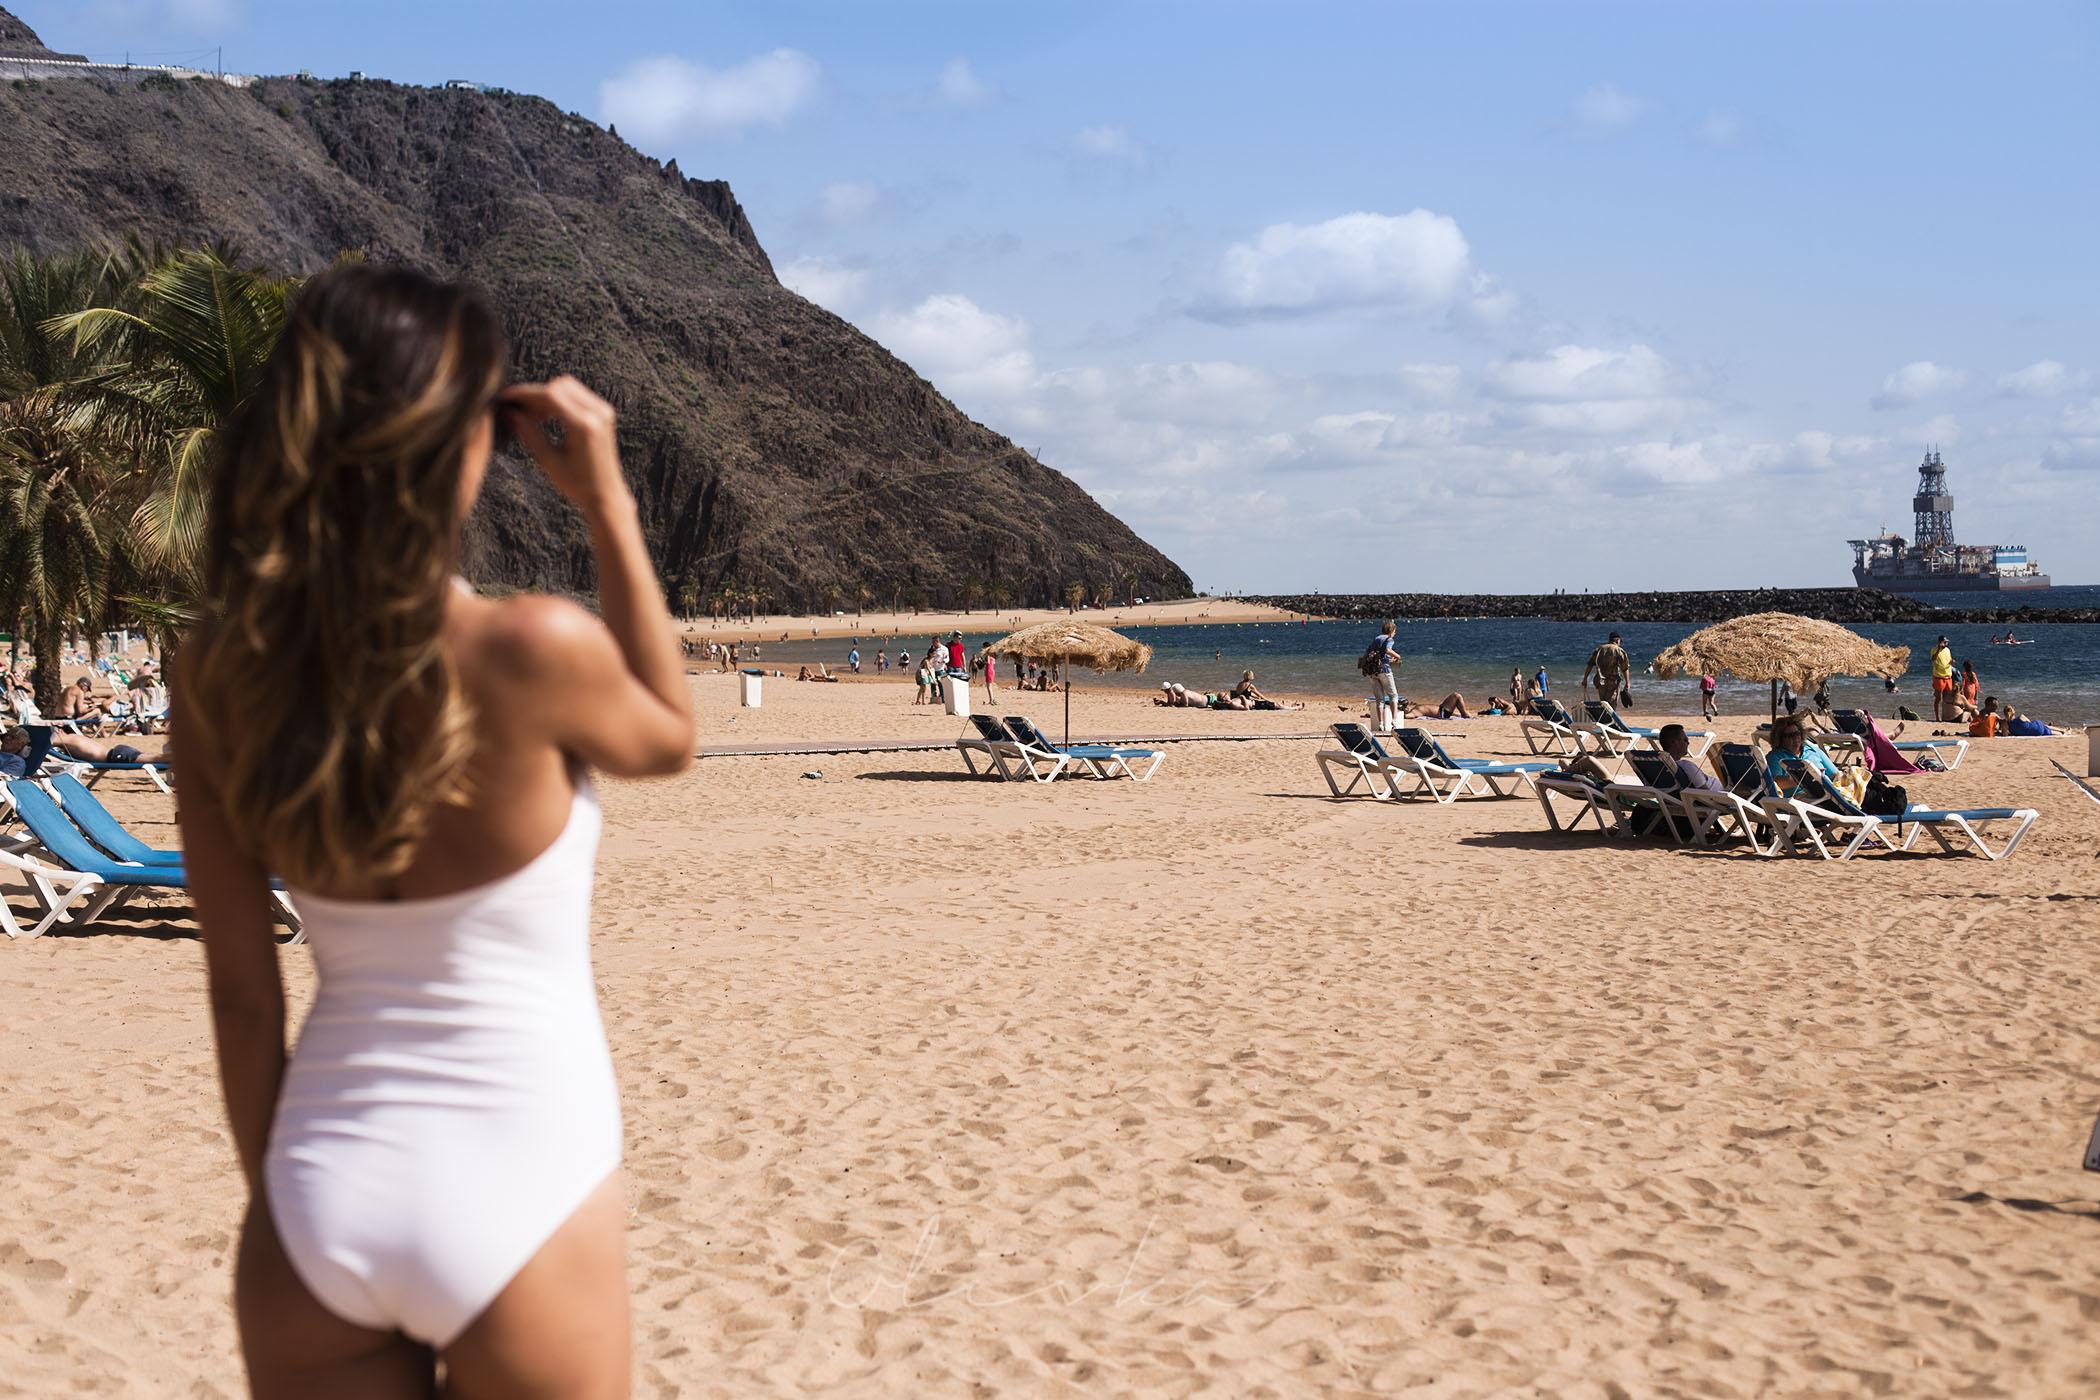 Plaża na Teneryfie z żółtym saharyjskim piaskiem